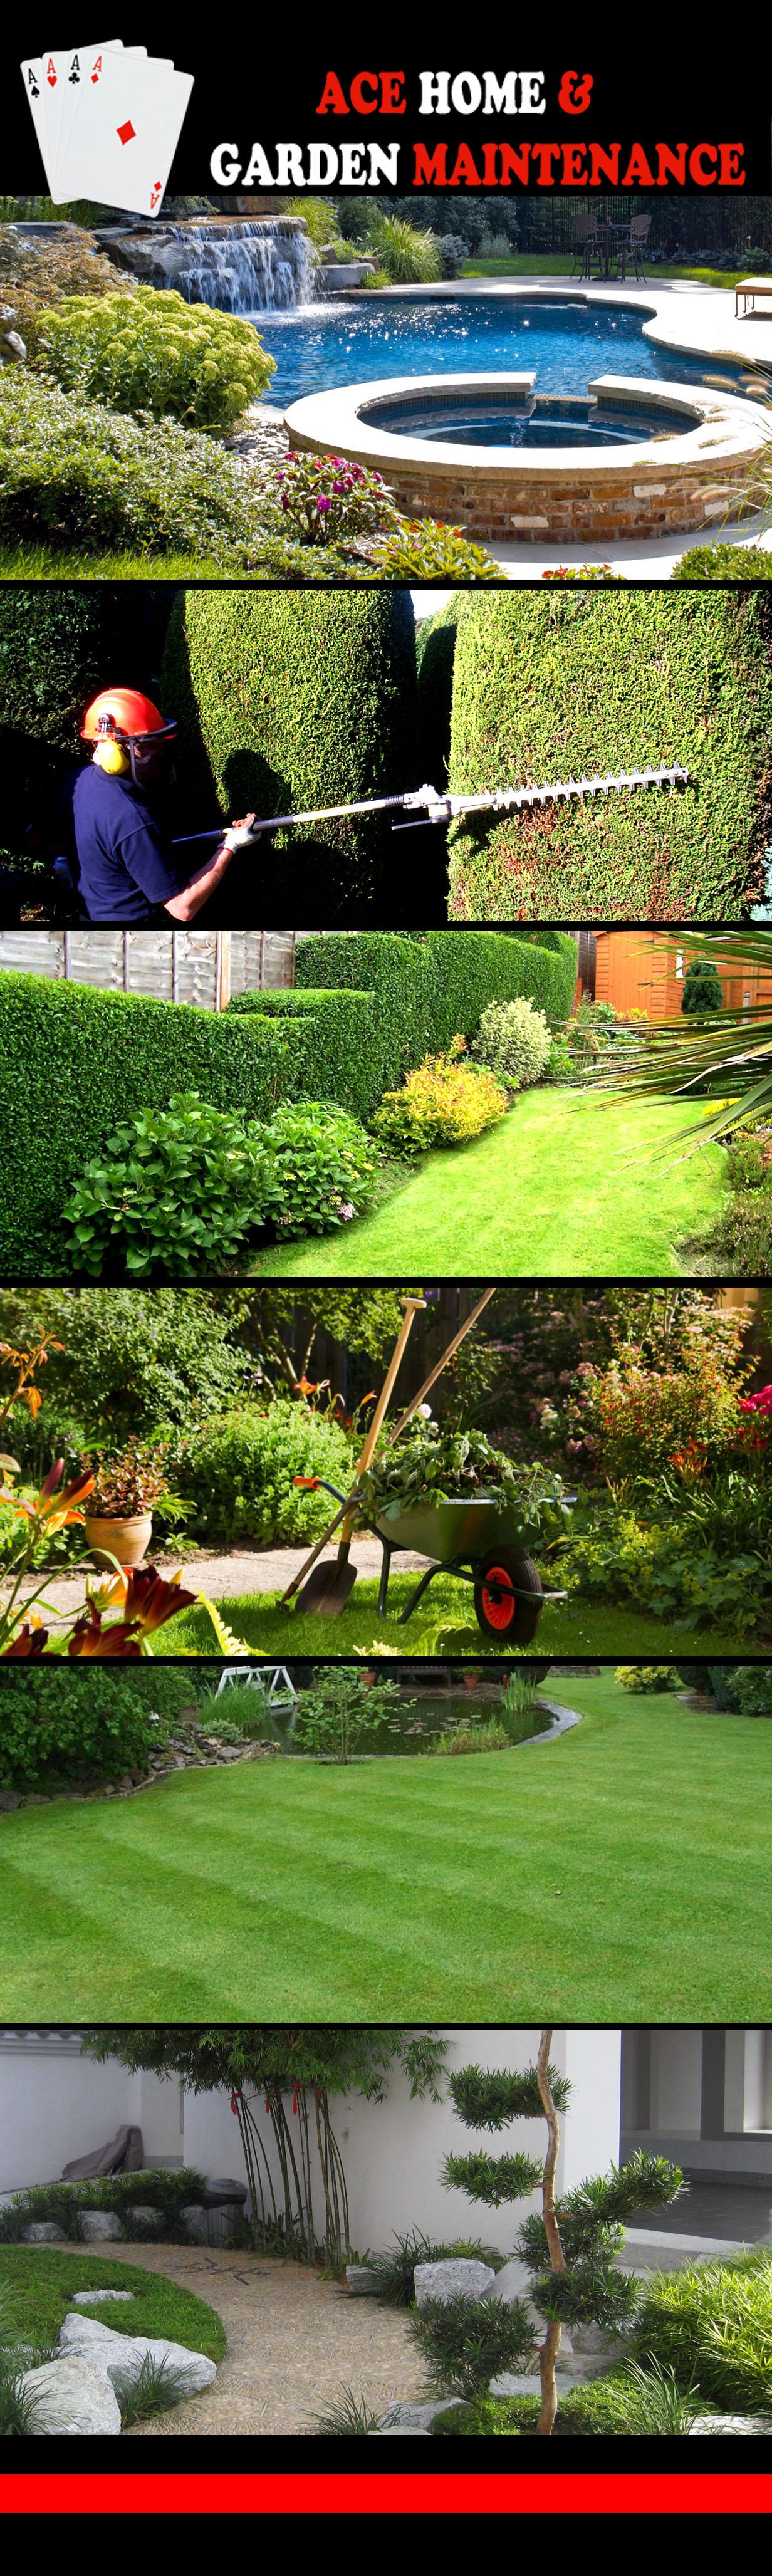 Ace Home Garden Maintenance